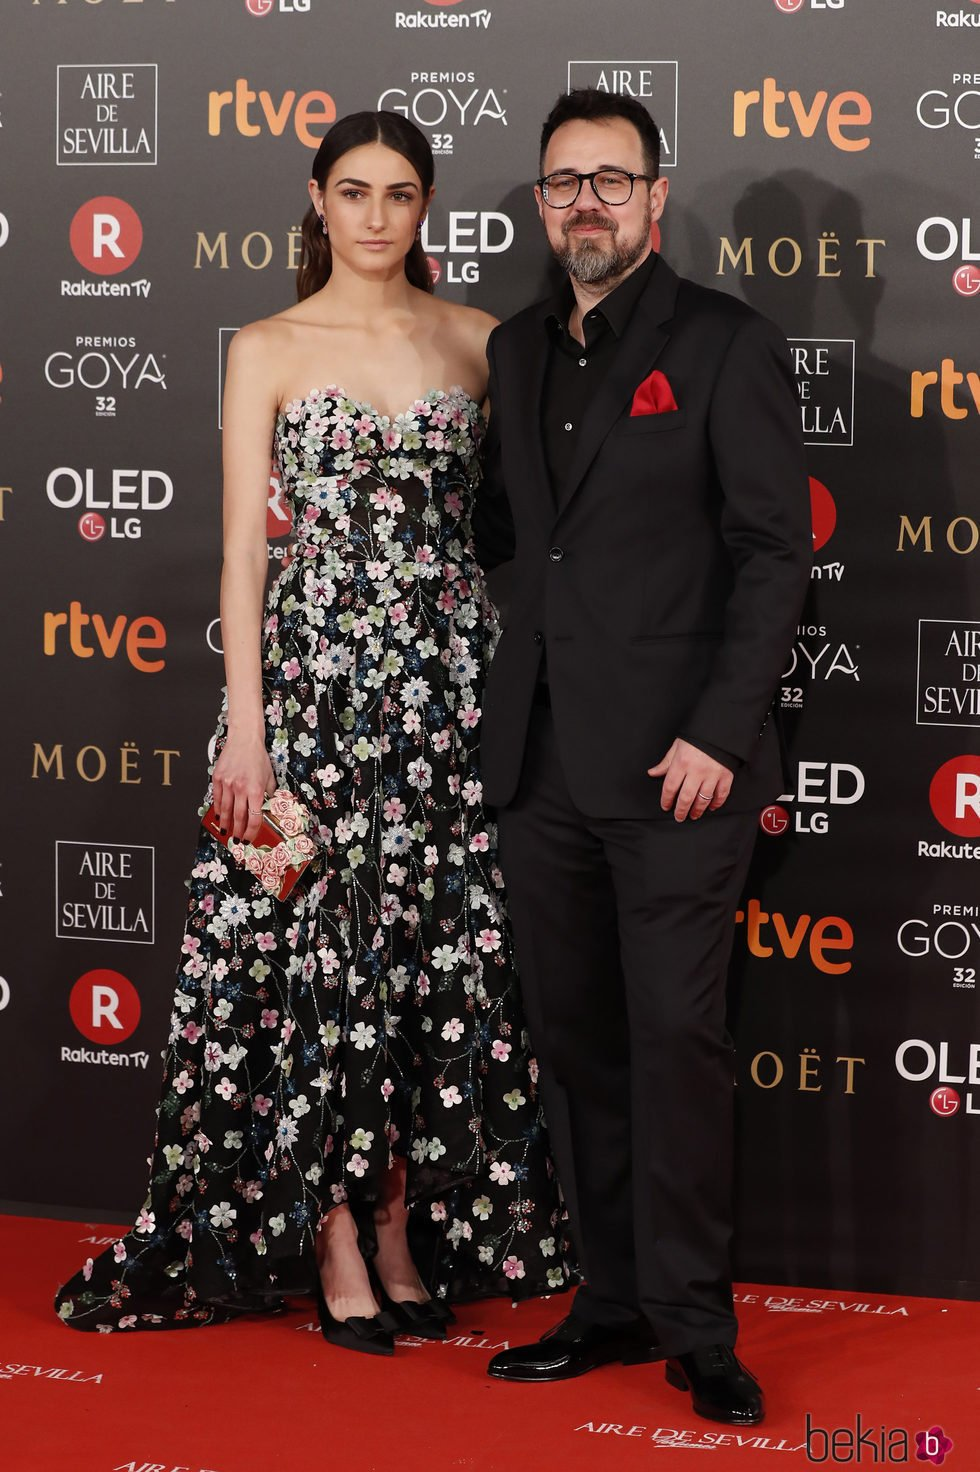 Sandra Escacena y Paco Plaza en la alfombra roja de los Premios Goya 2018